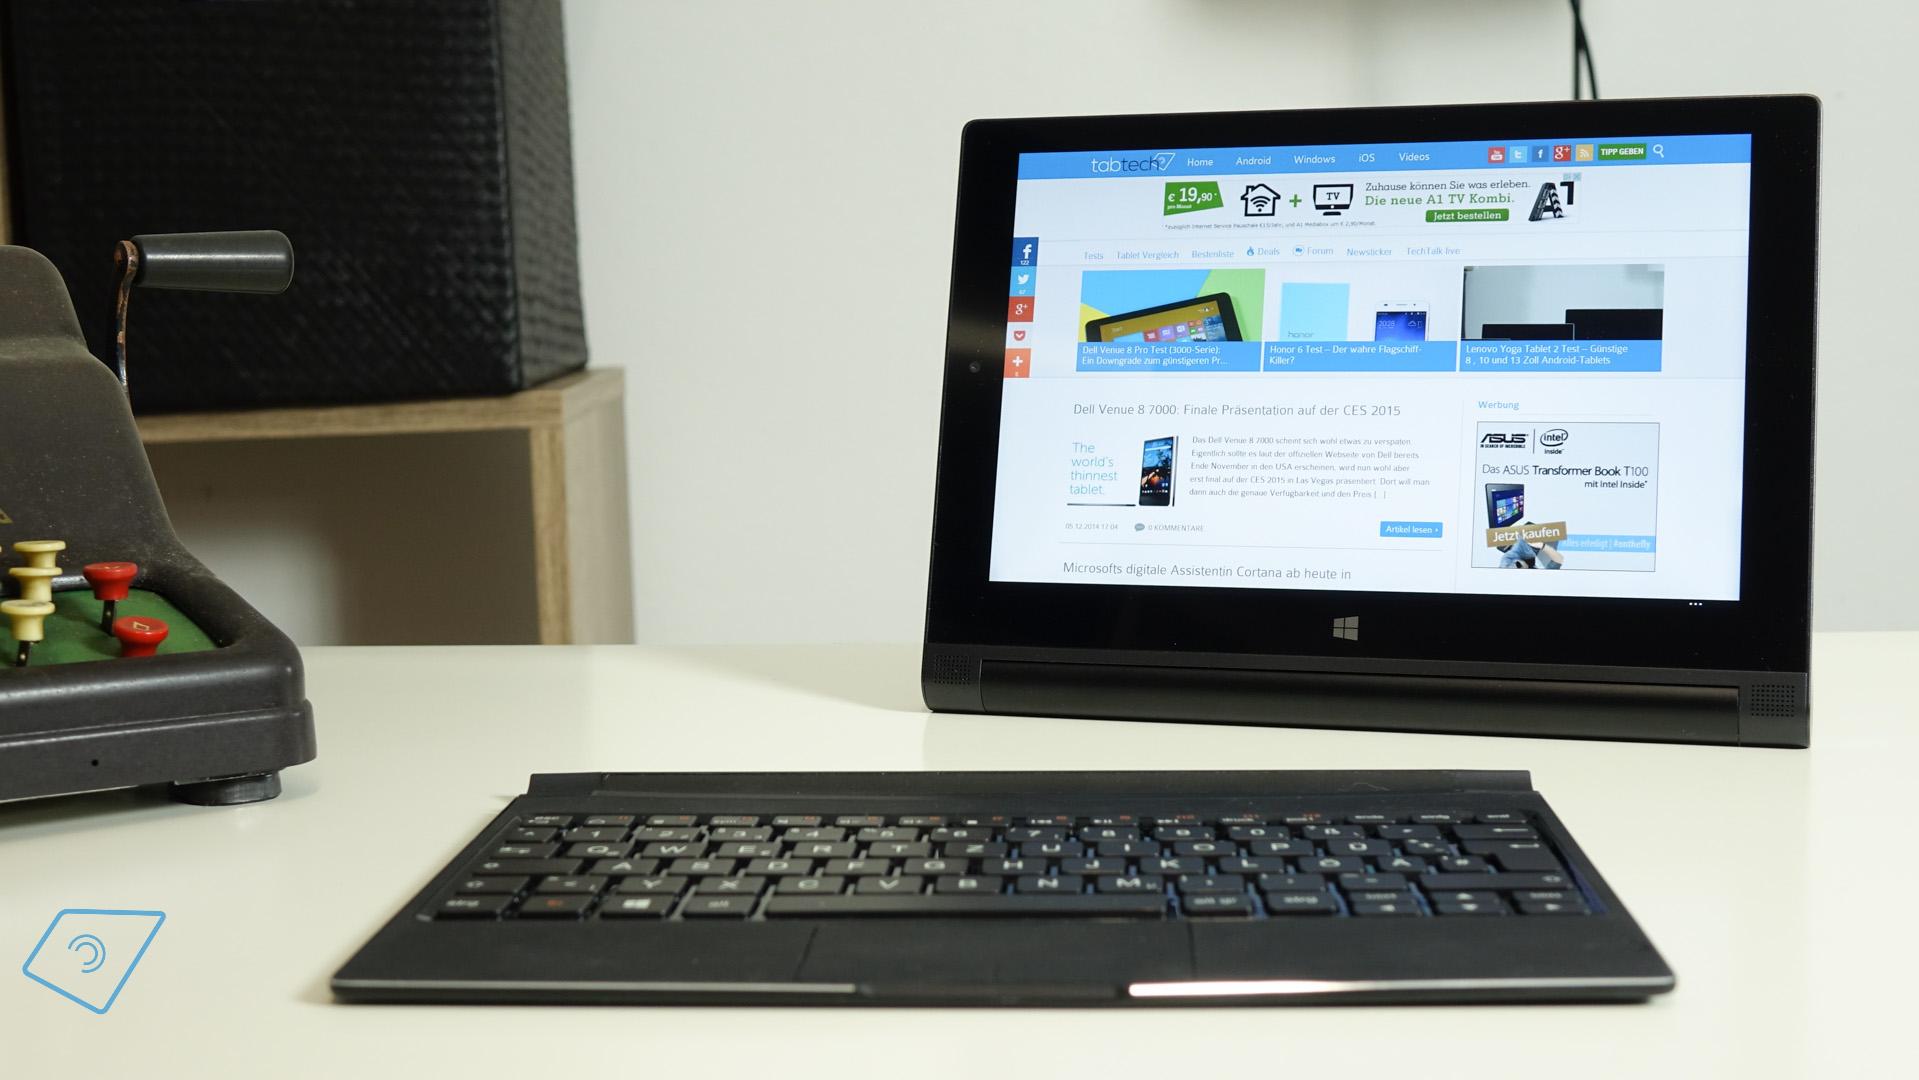 Lenovo Yoga Tablet 2 10 mit Windows 81 im Test Einfach besser 1919x1080